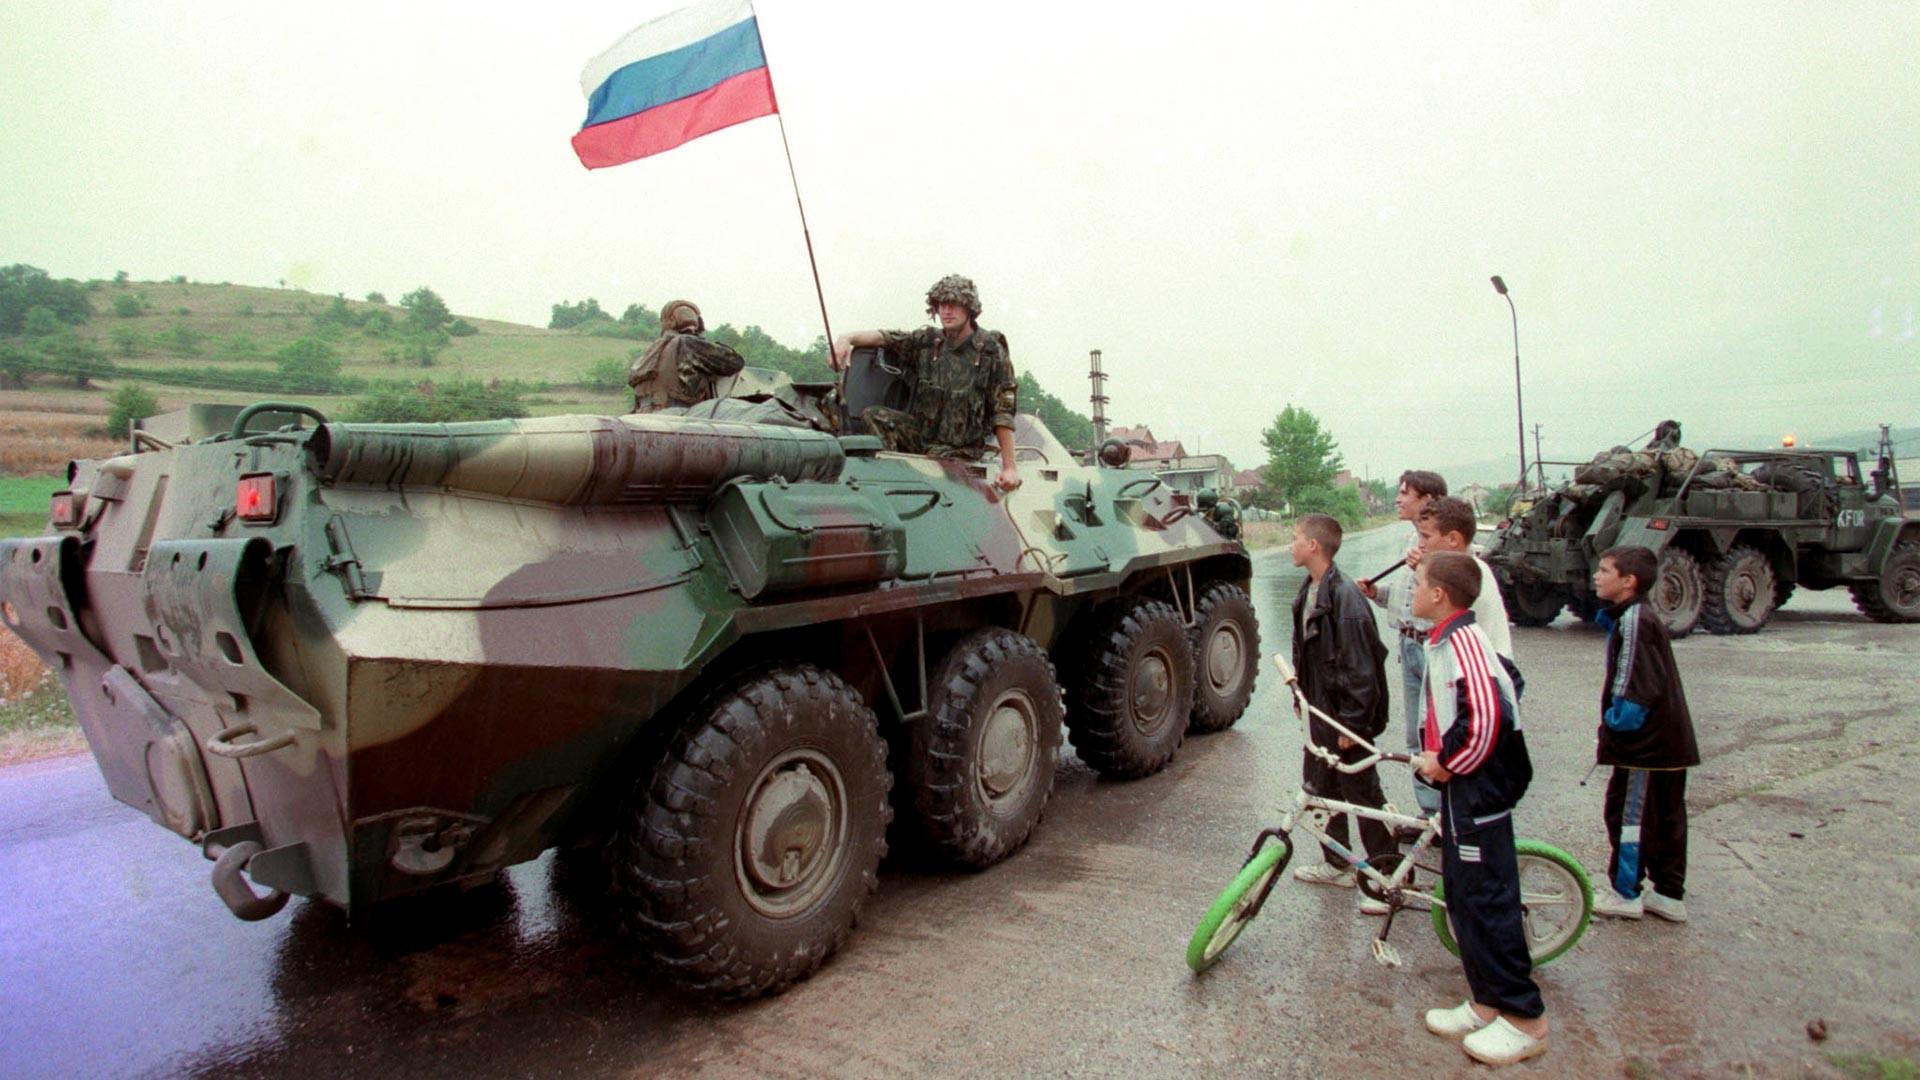 Le groupe avancé du bataillon russe de maintien de la paix au Kosovo